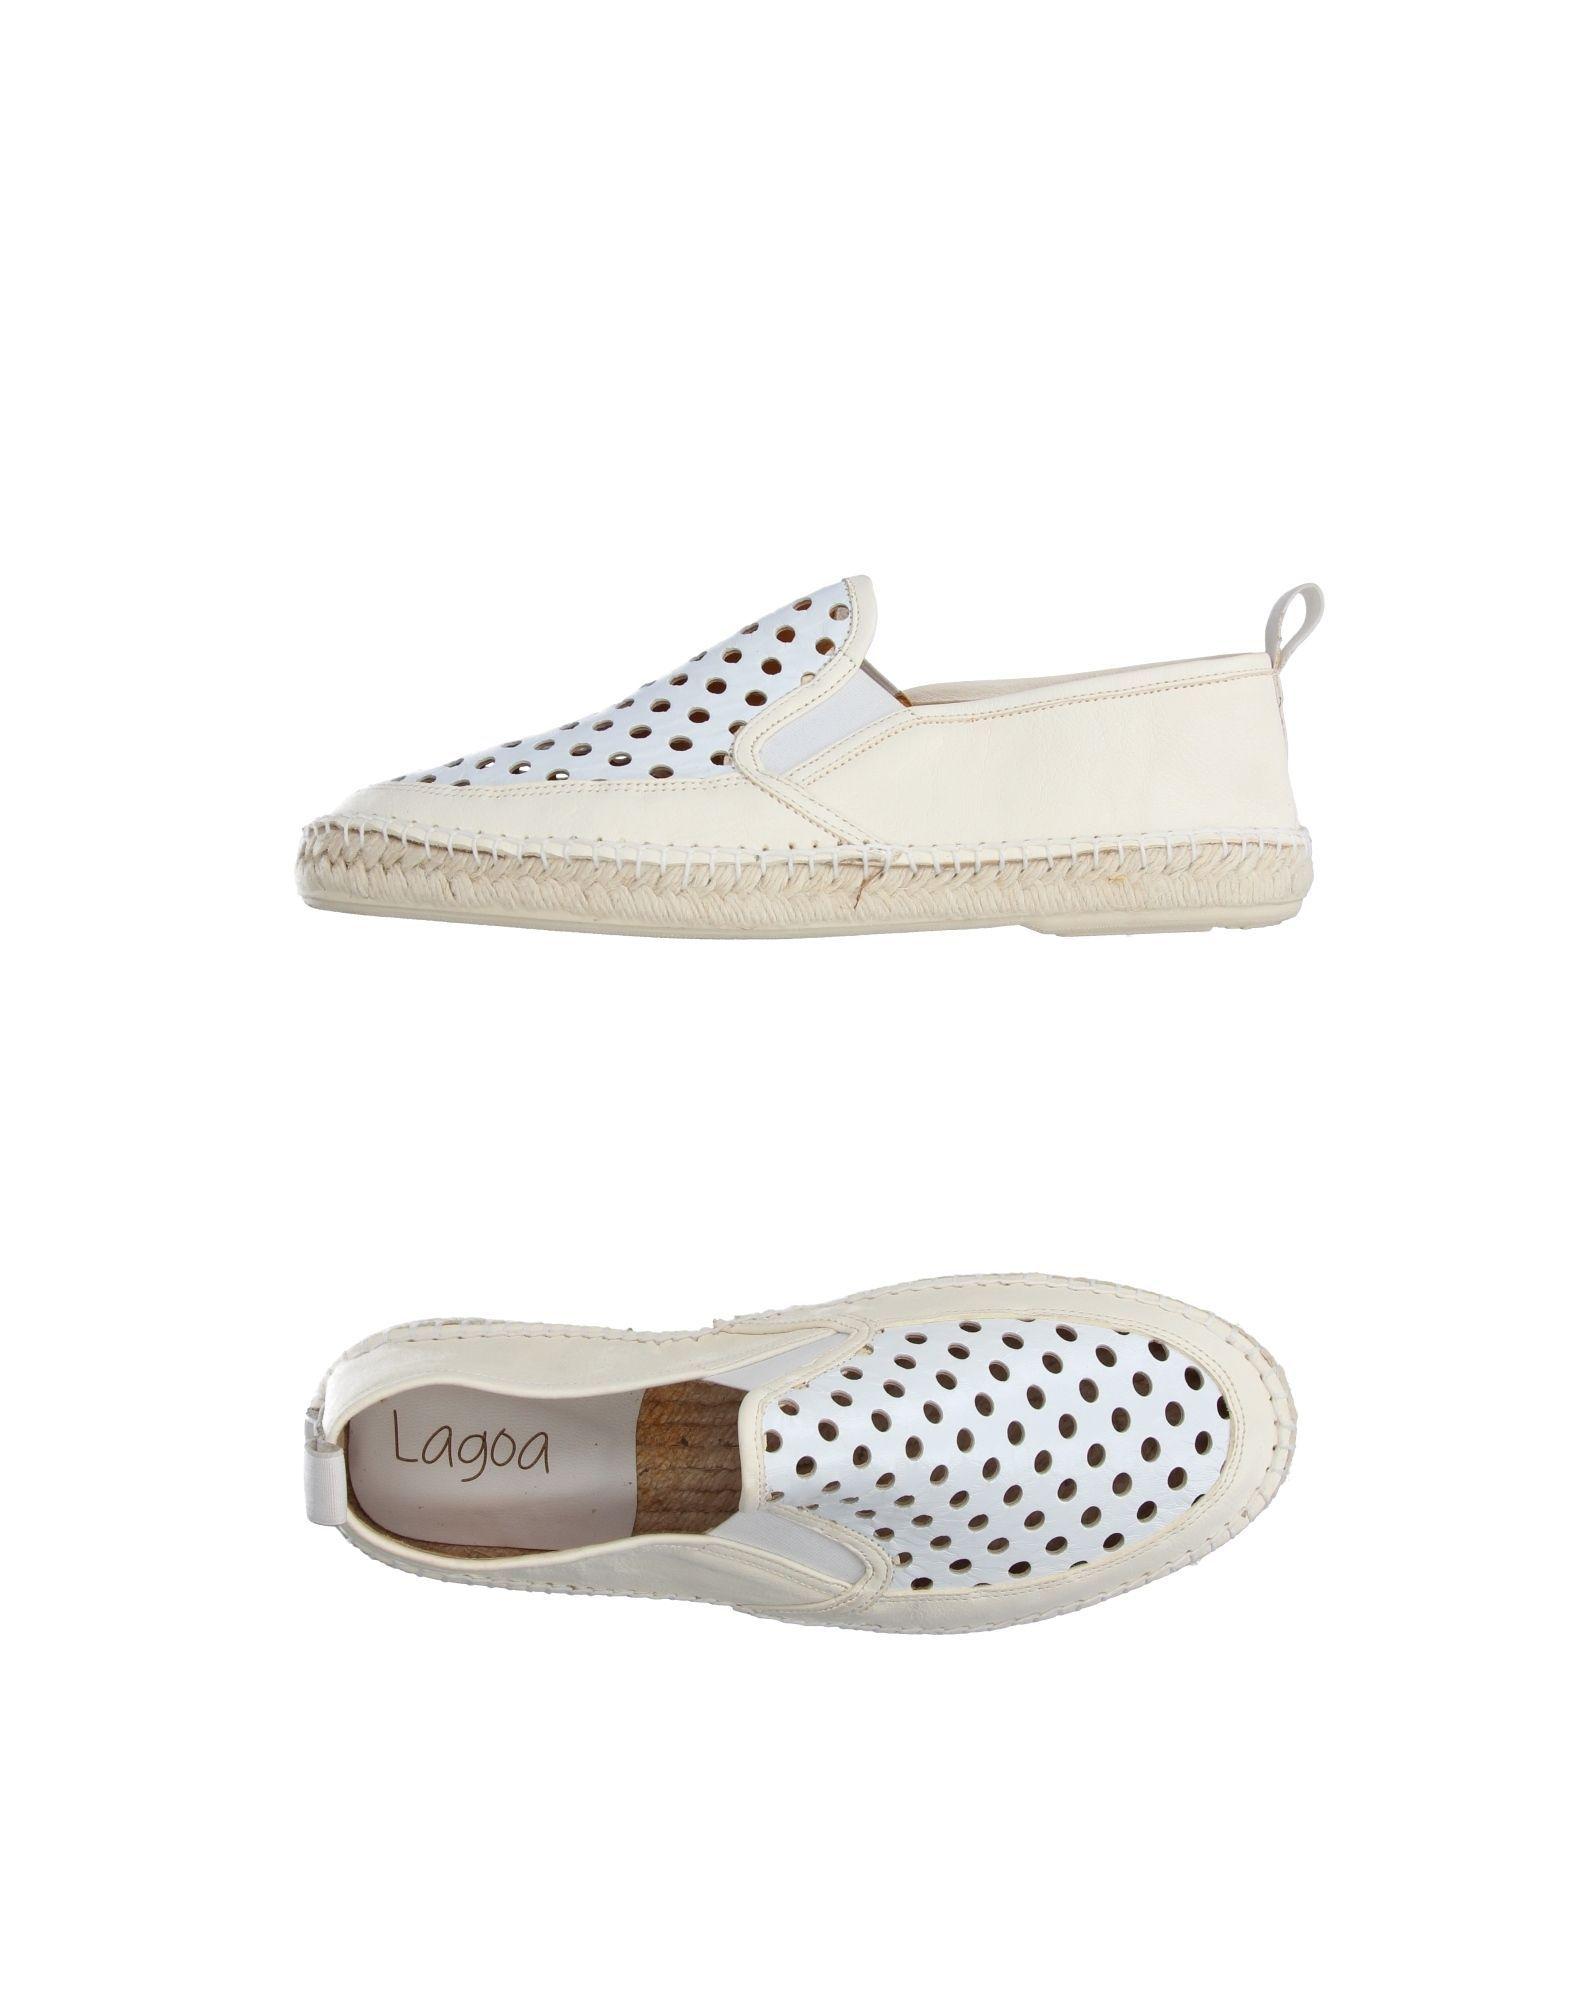 Chaussures - Espadrilles Lagoa Da1iMD3f9Q